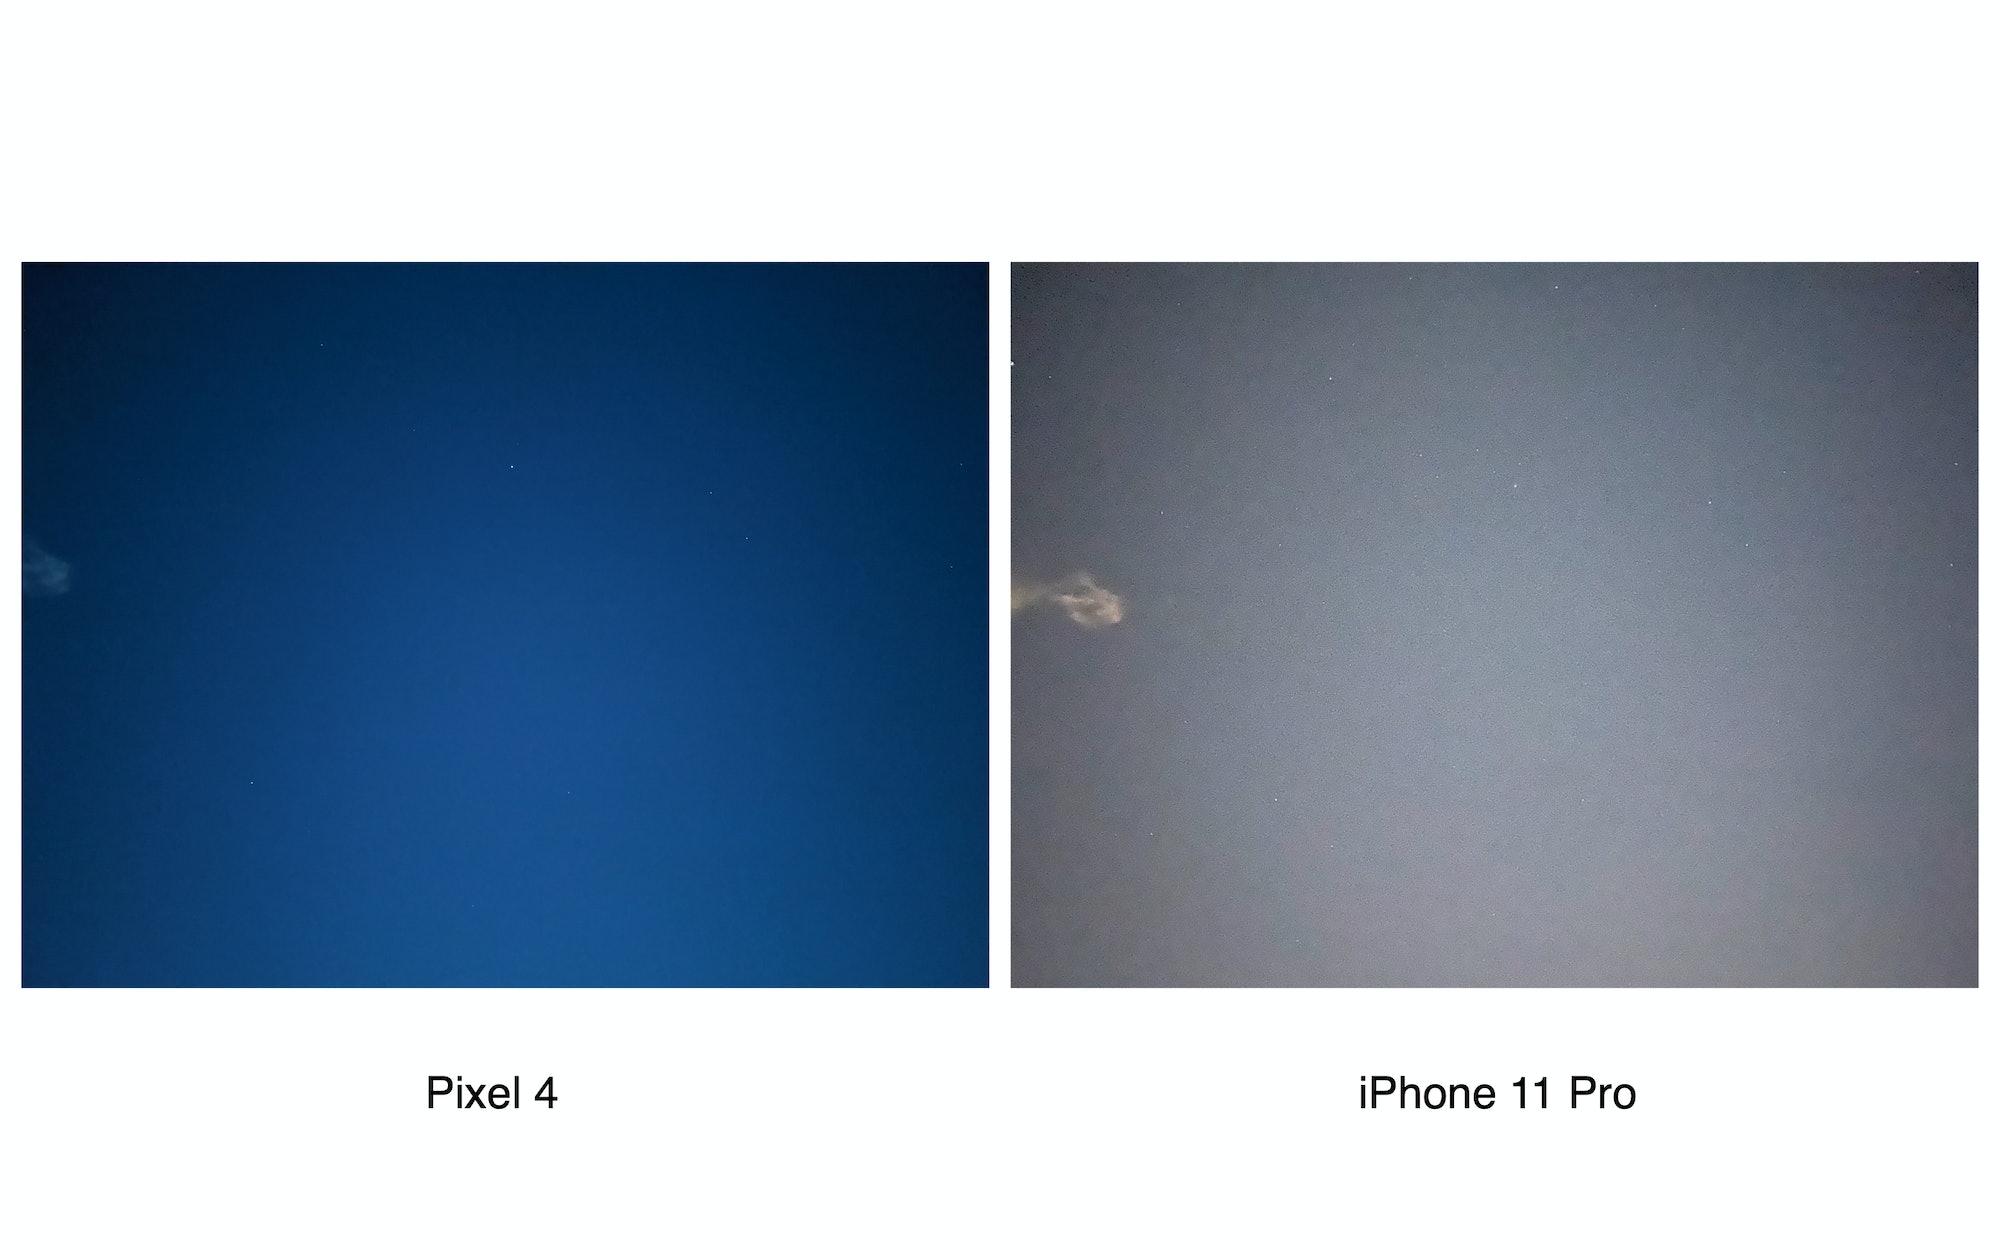 Pixel 4 vs. iPhone 11 Pro astrophography comparison